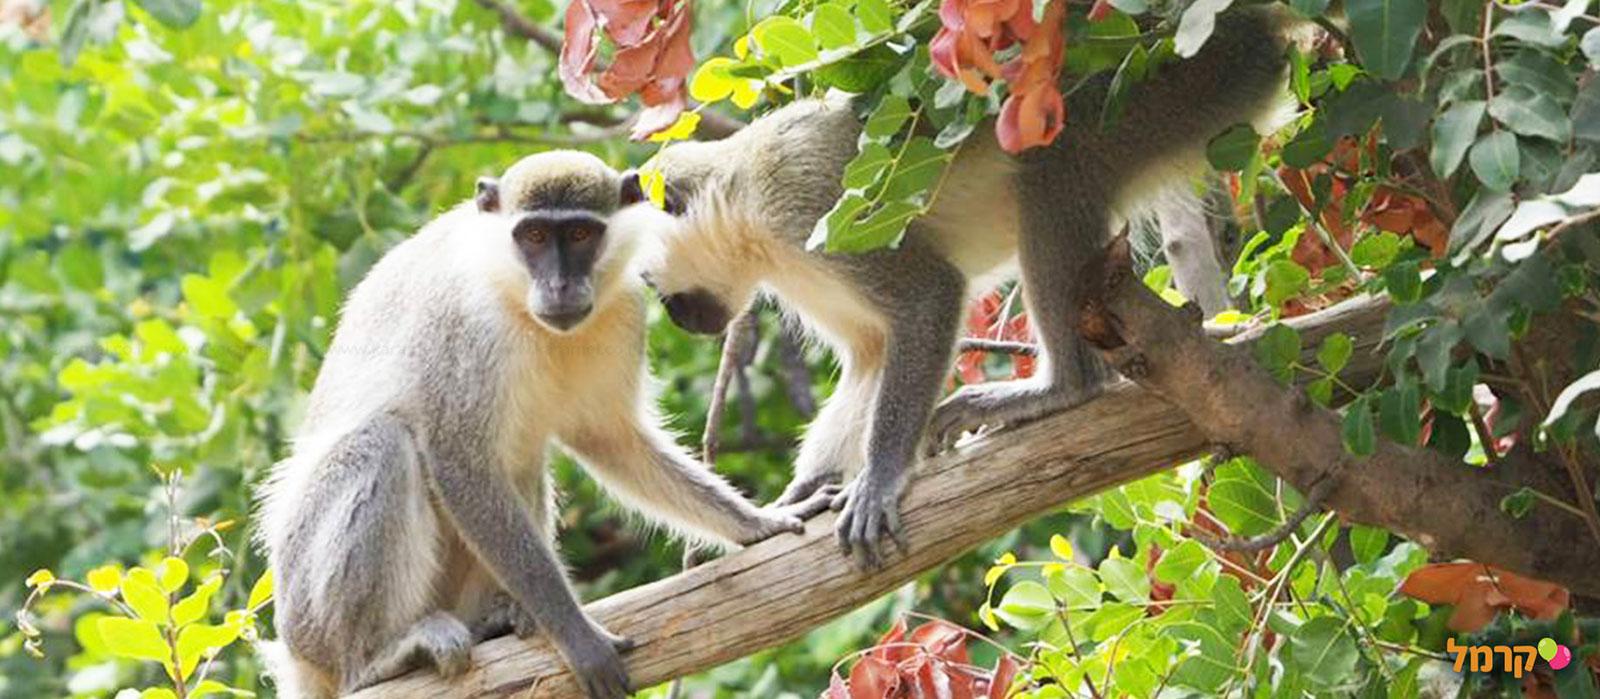 פארק הקופים - 073-7026321